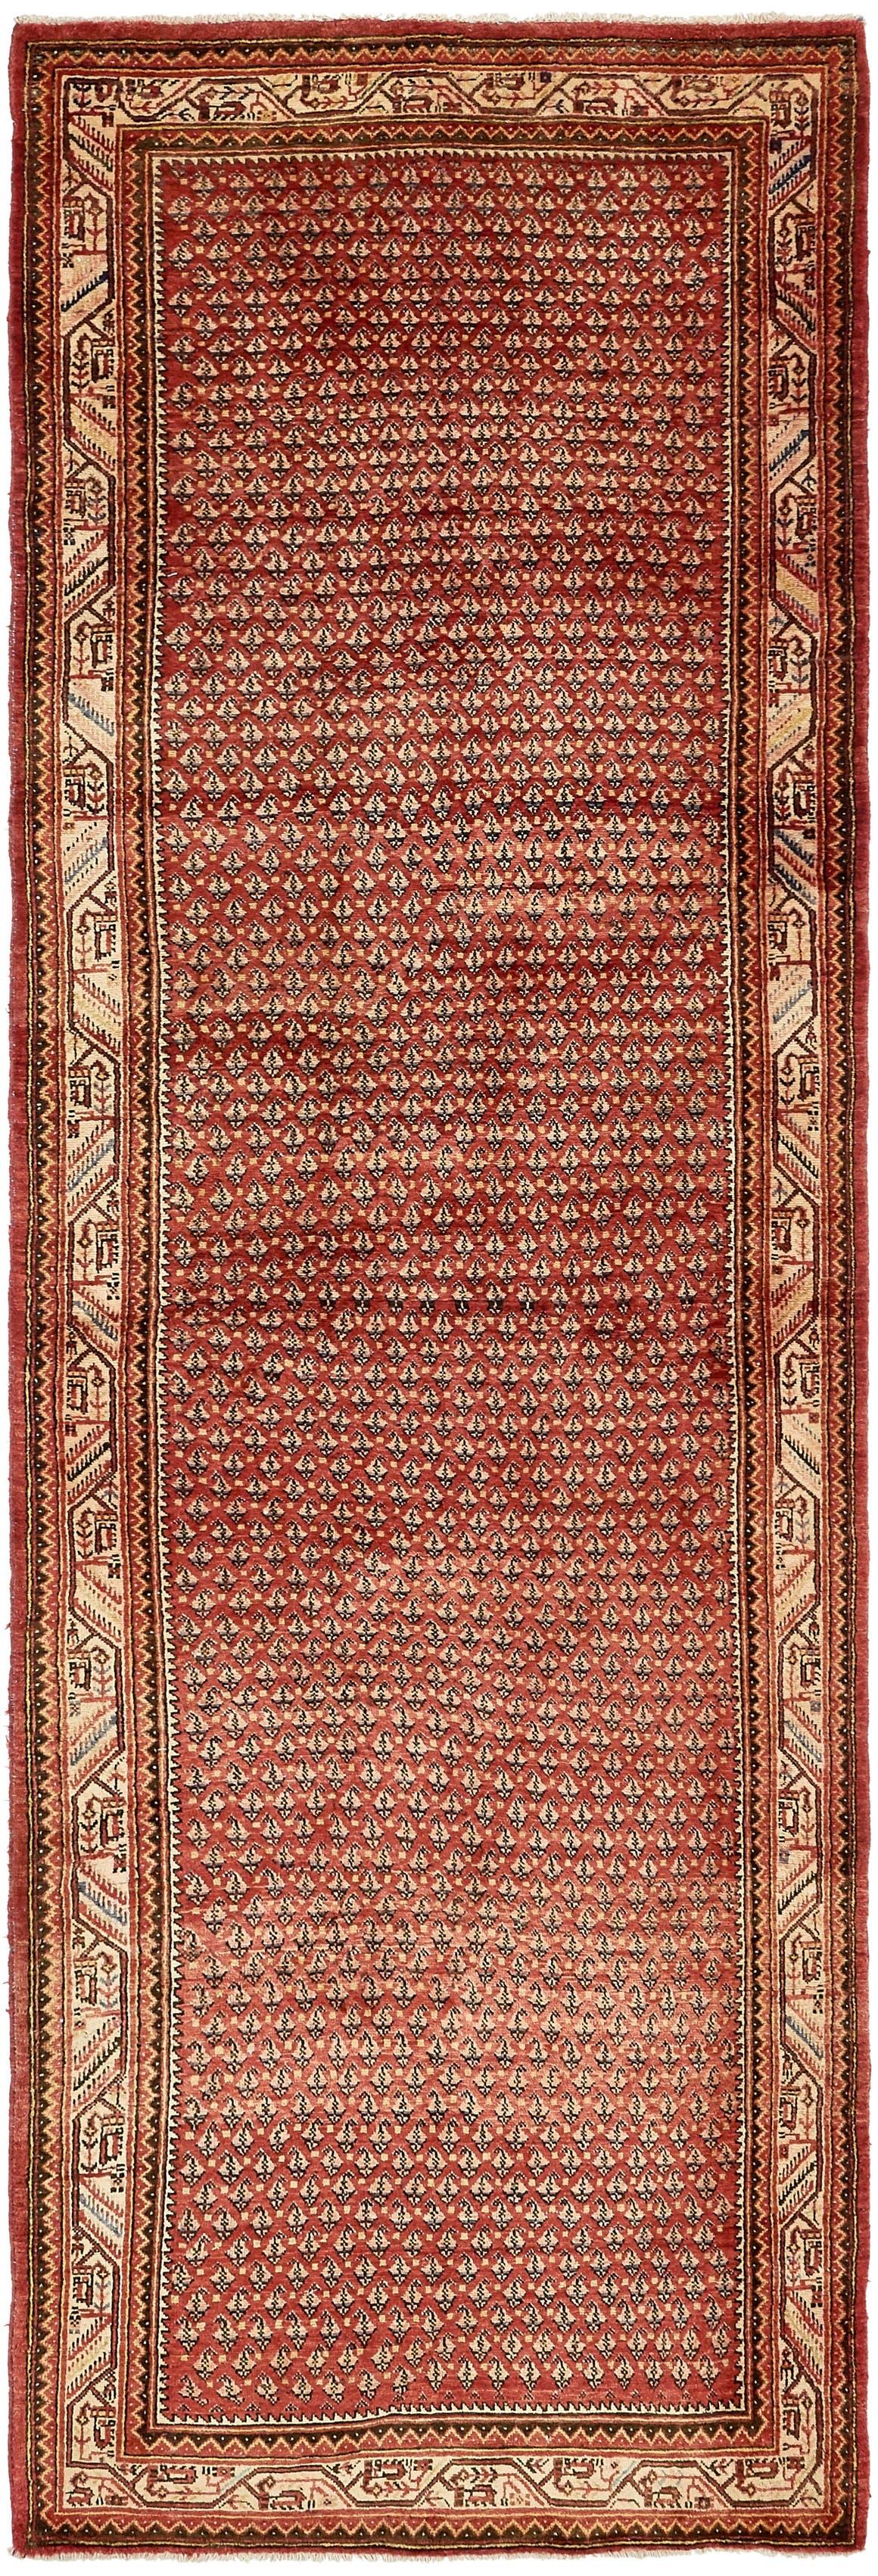 4' 5 x 13' 4 Botemir Persian Runner Rug main image